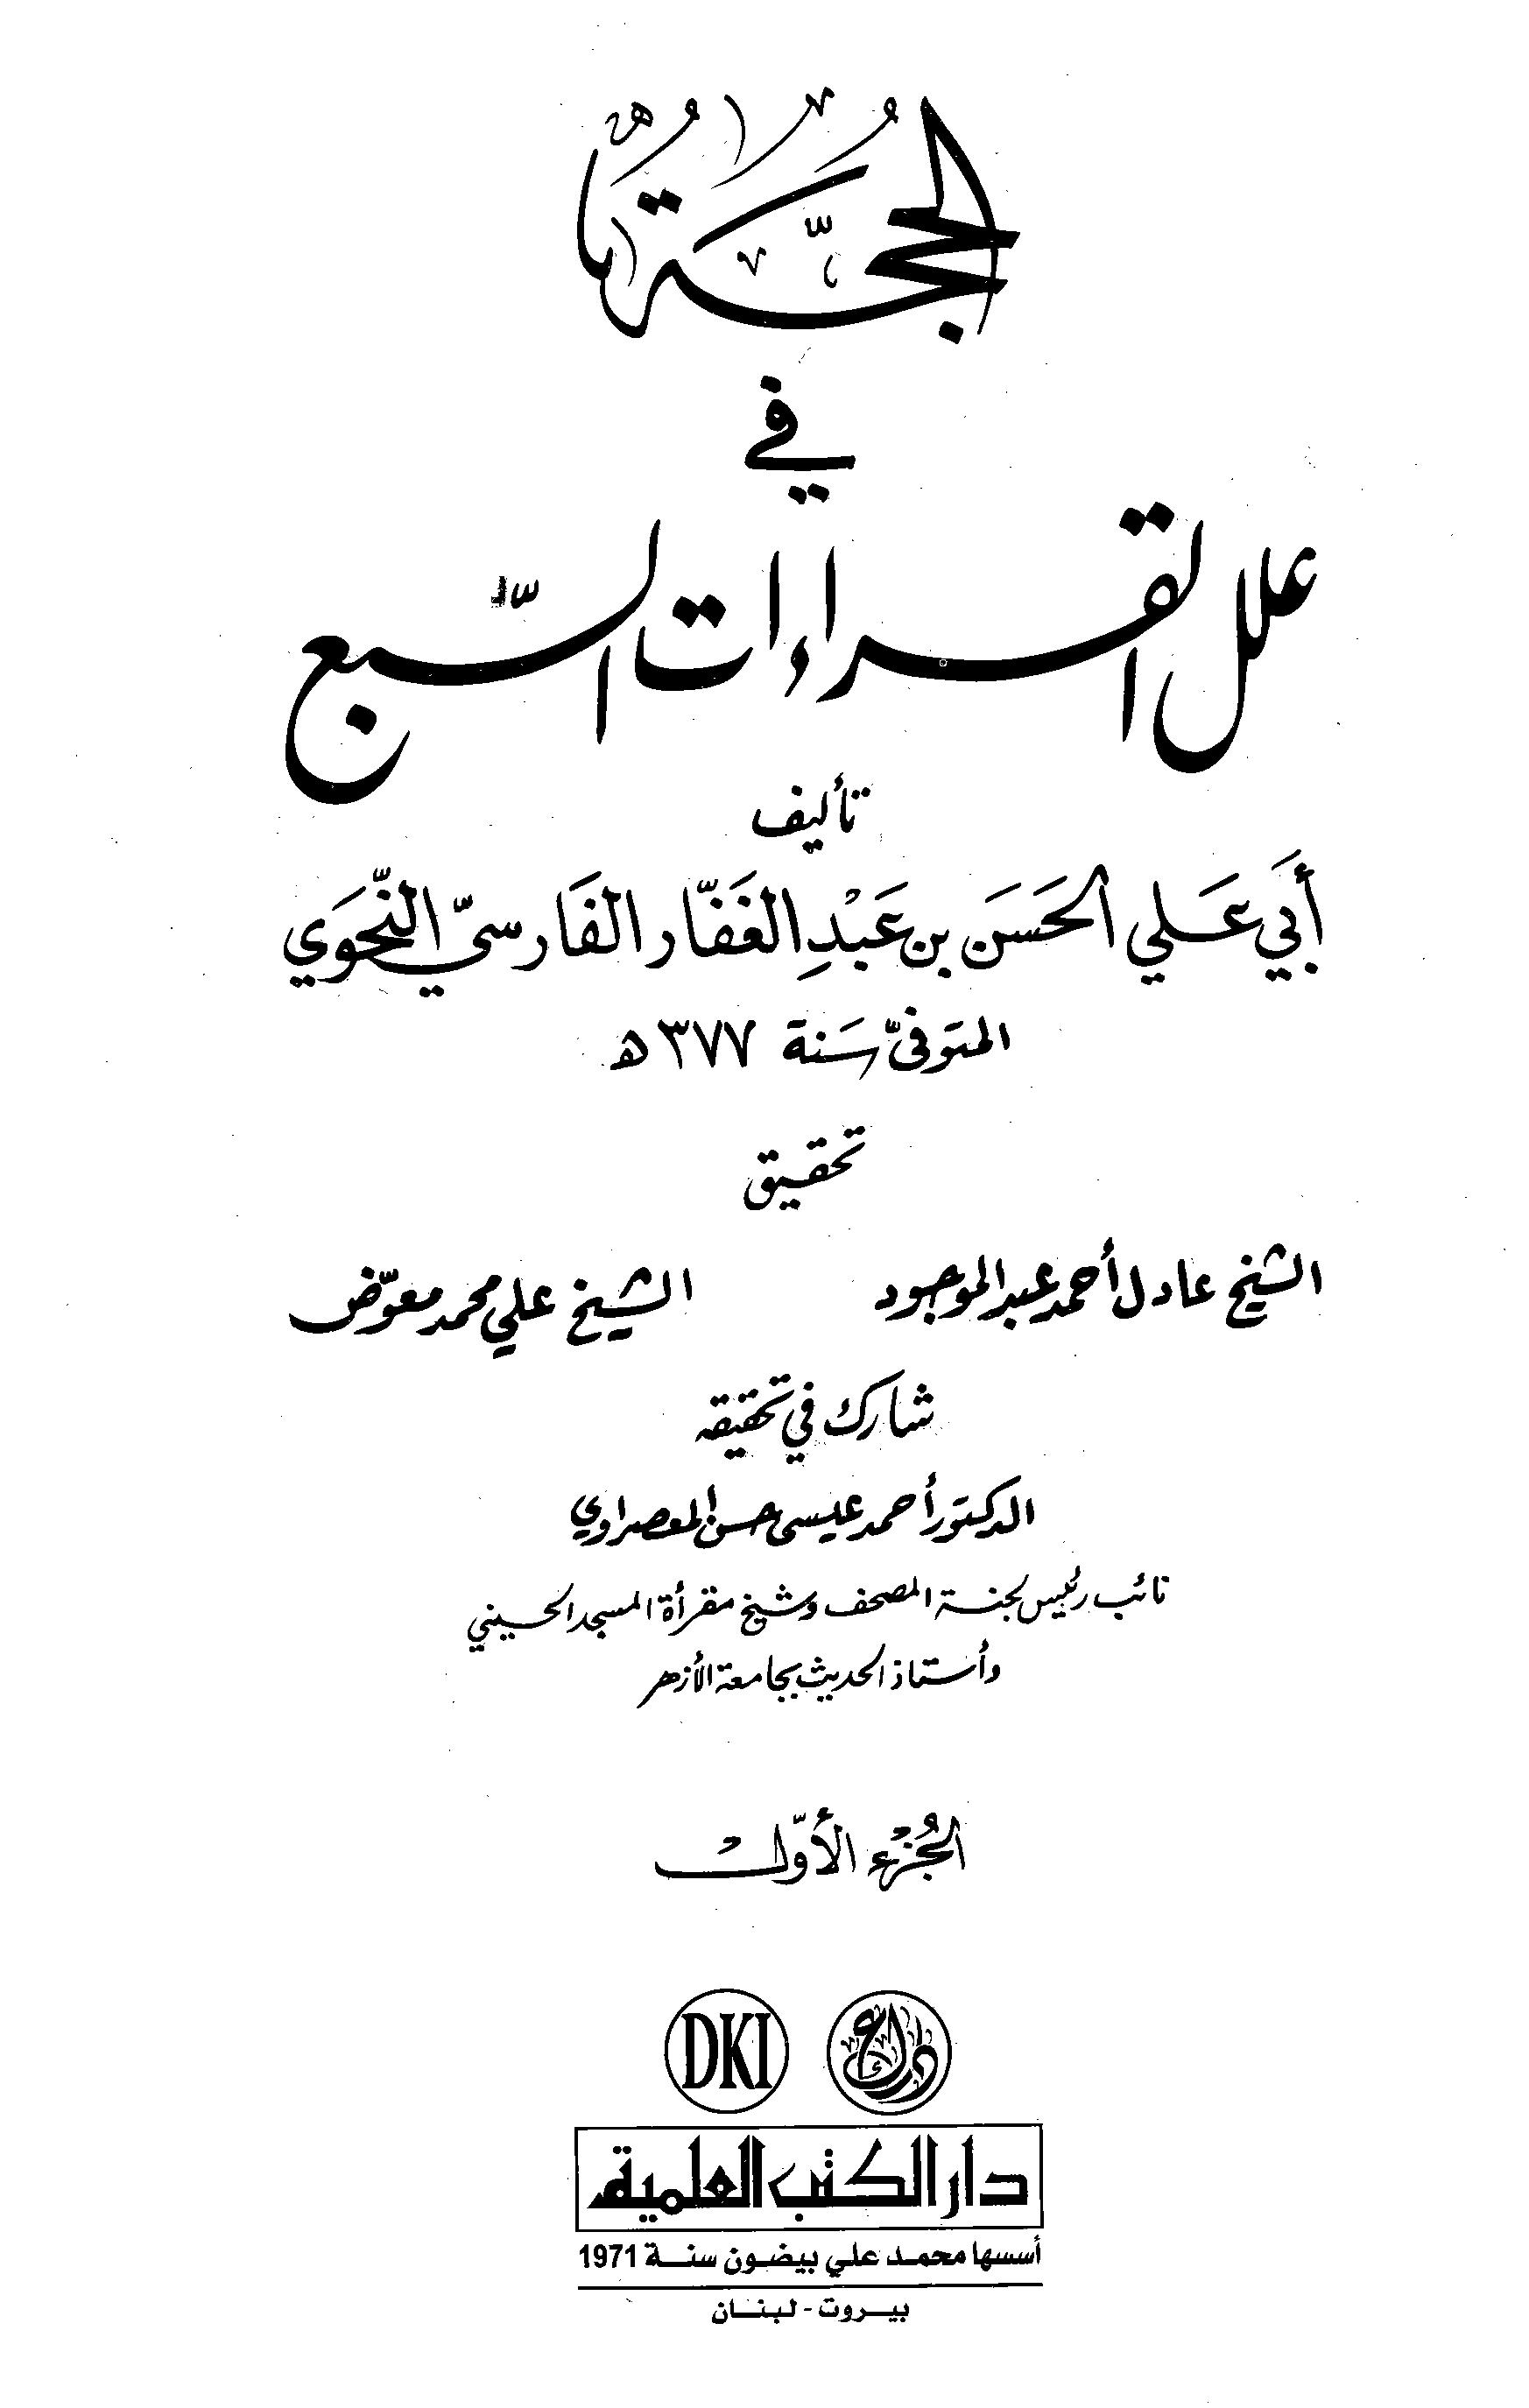 تحميل كتاب الحجة في علل القراءات السبع لـِ: الإمام أبو علي الحسن بن أحمد بن عبد الغفار الفارسي (ت 377)